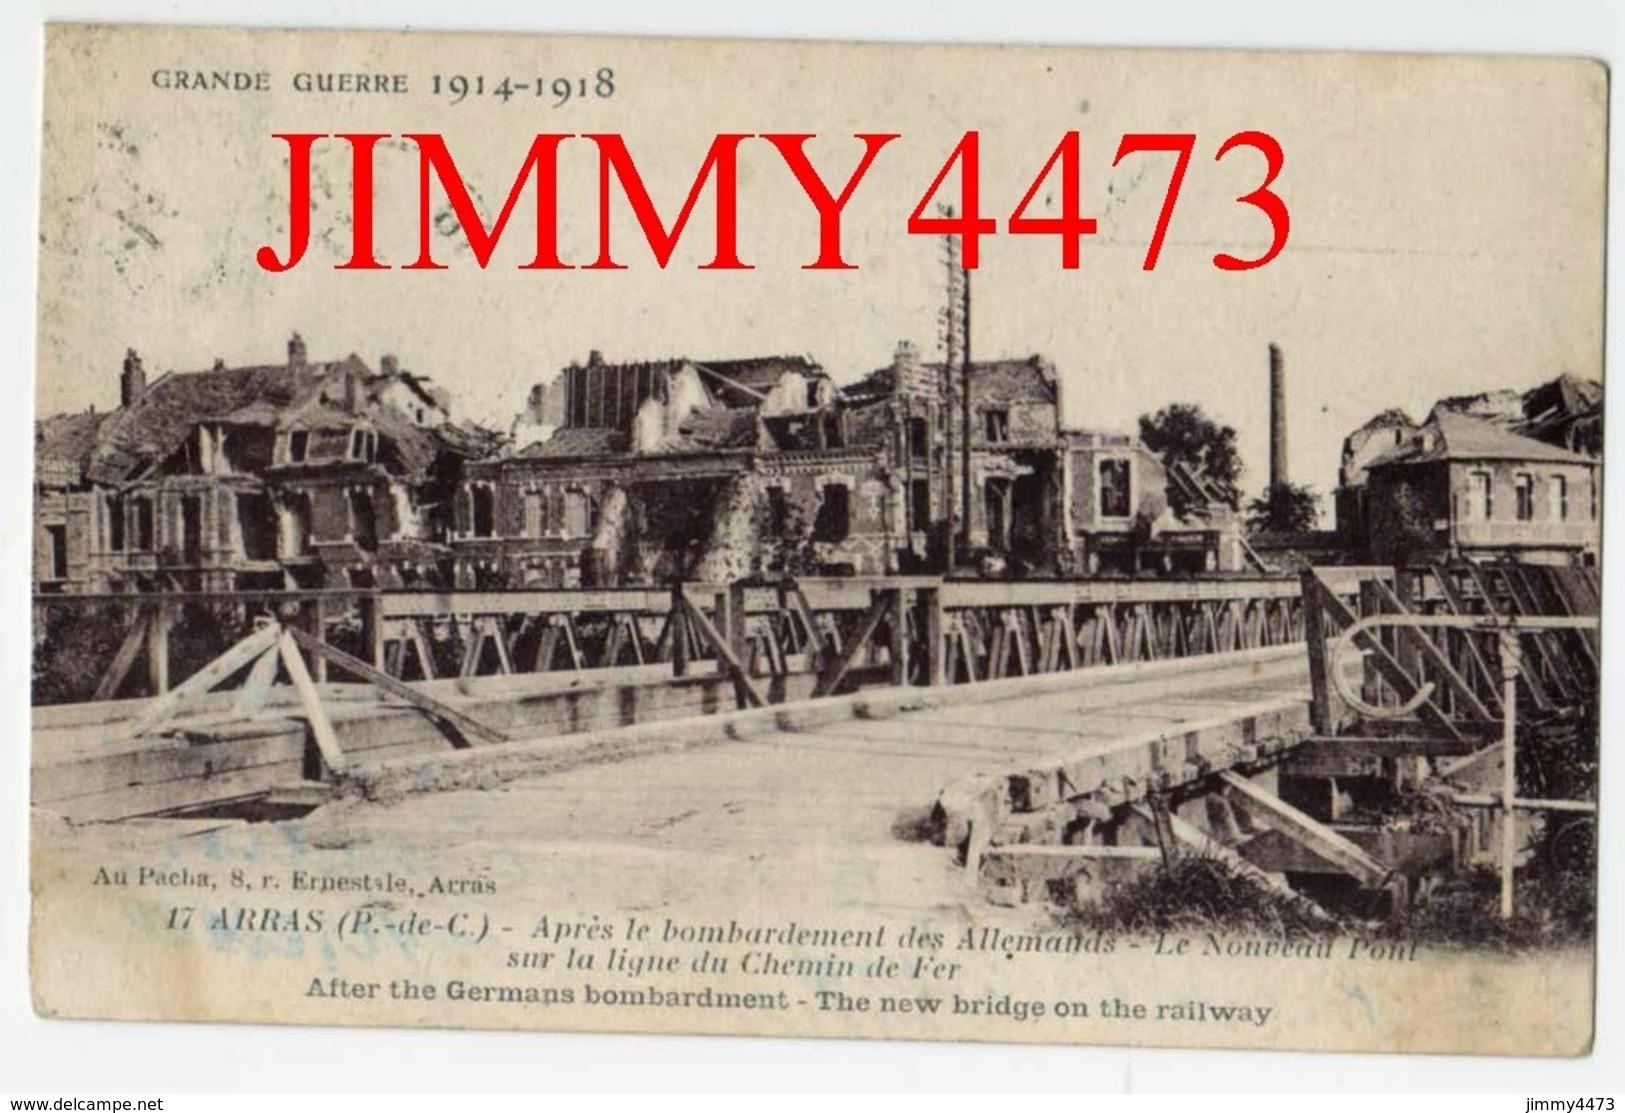 CPA - N°17 - GRANDE GUERRE 1914 - 1918 - ARRAS 62 Pas De Calais - En 1923 Le Nouveau Pont Sur La Ligne Du Chemin De Fer - War 1914-18